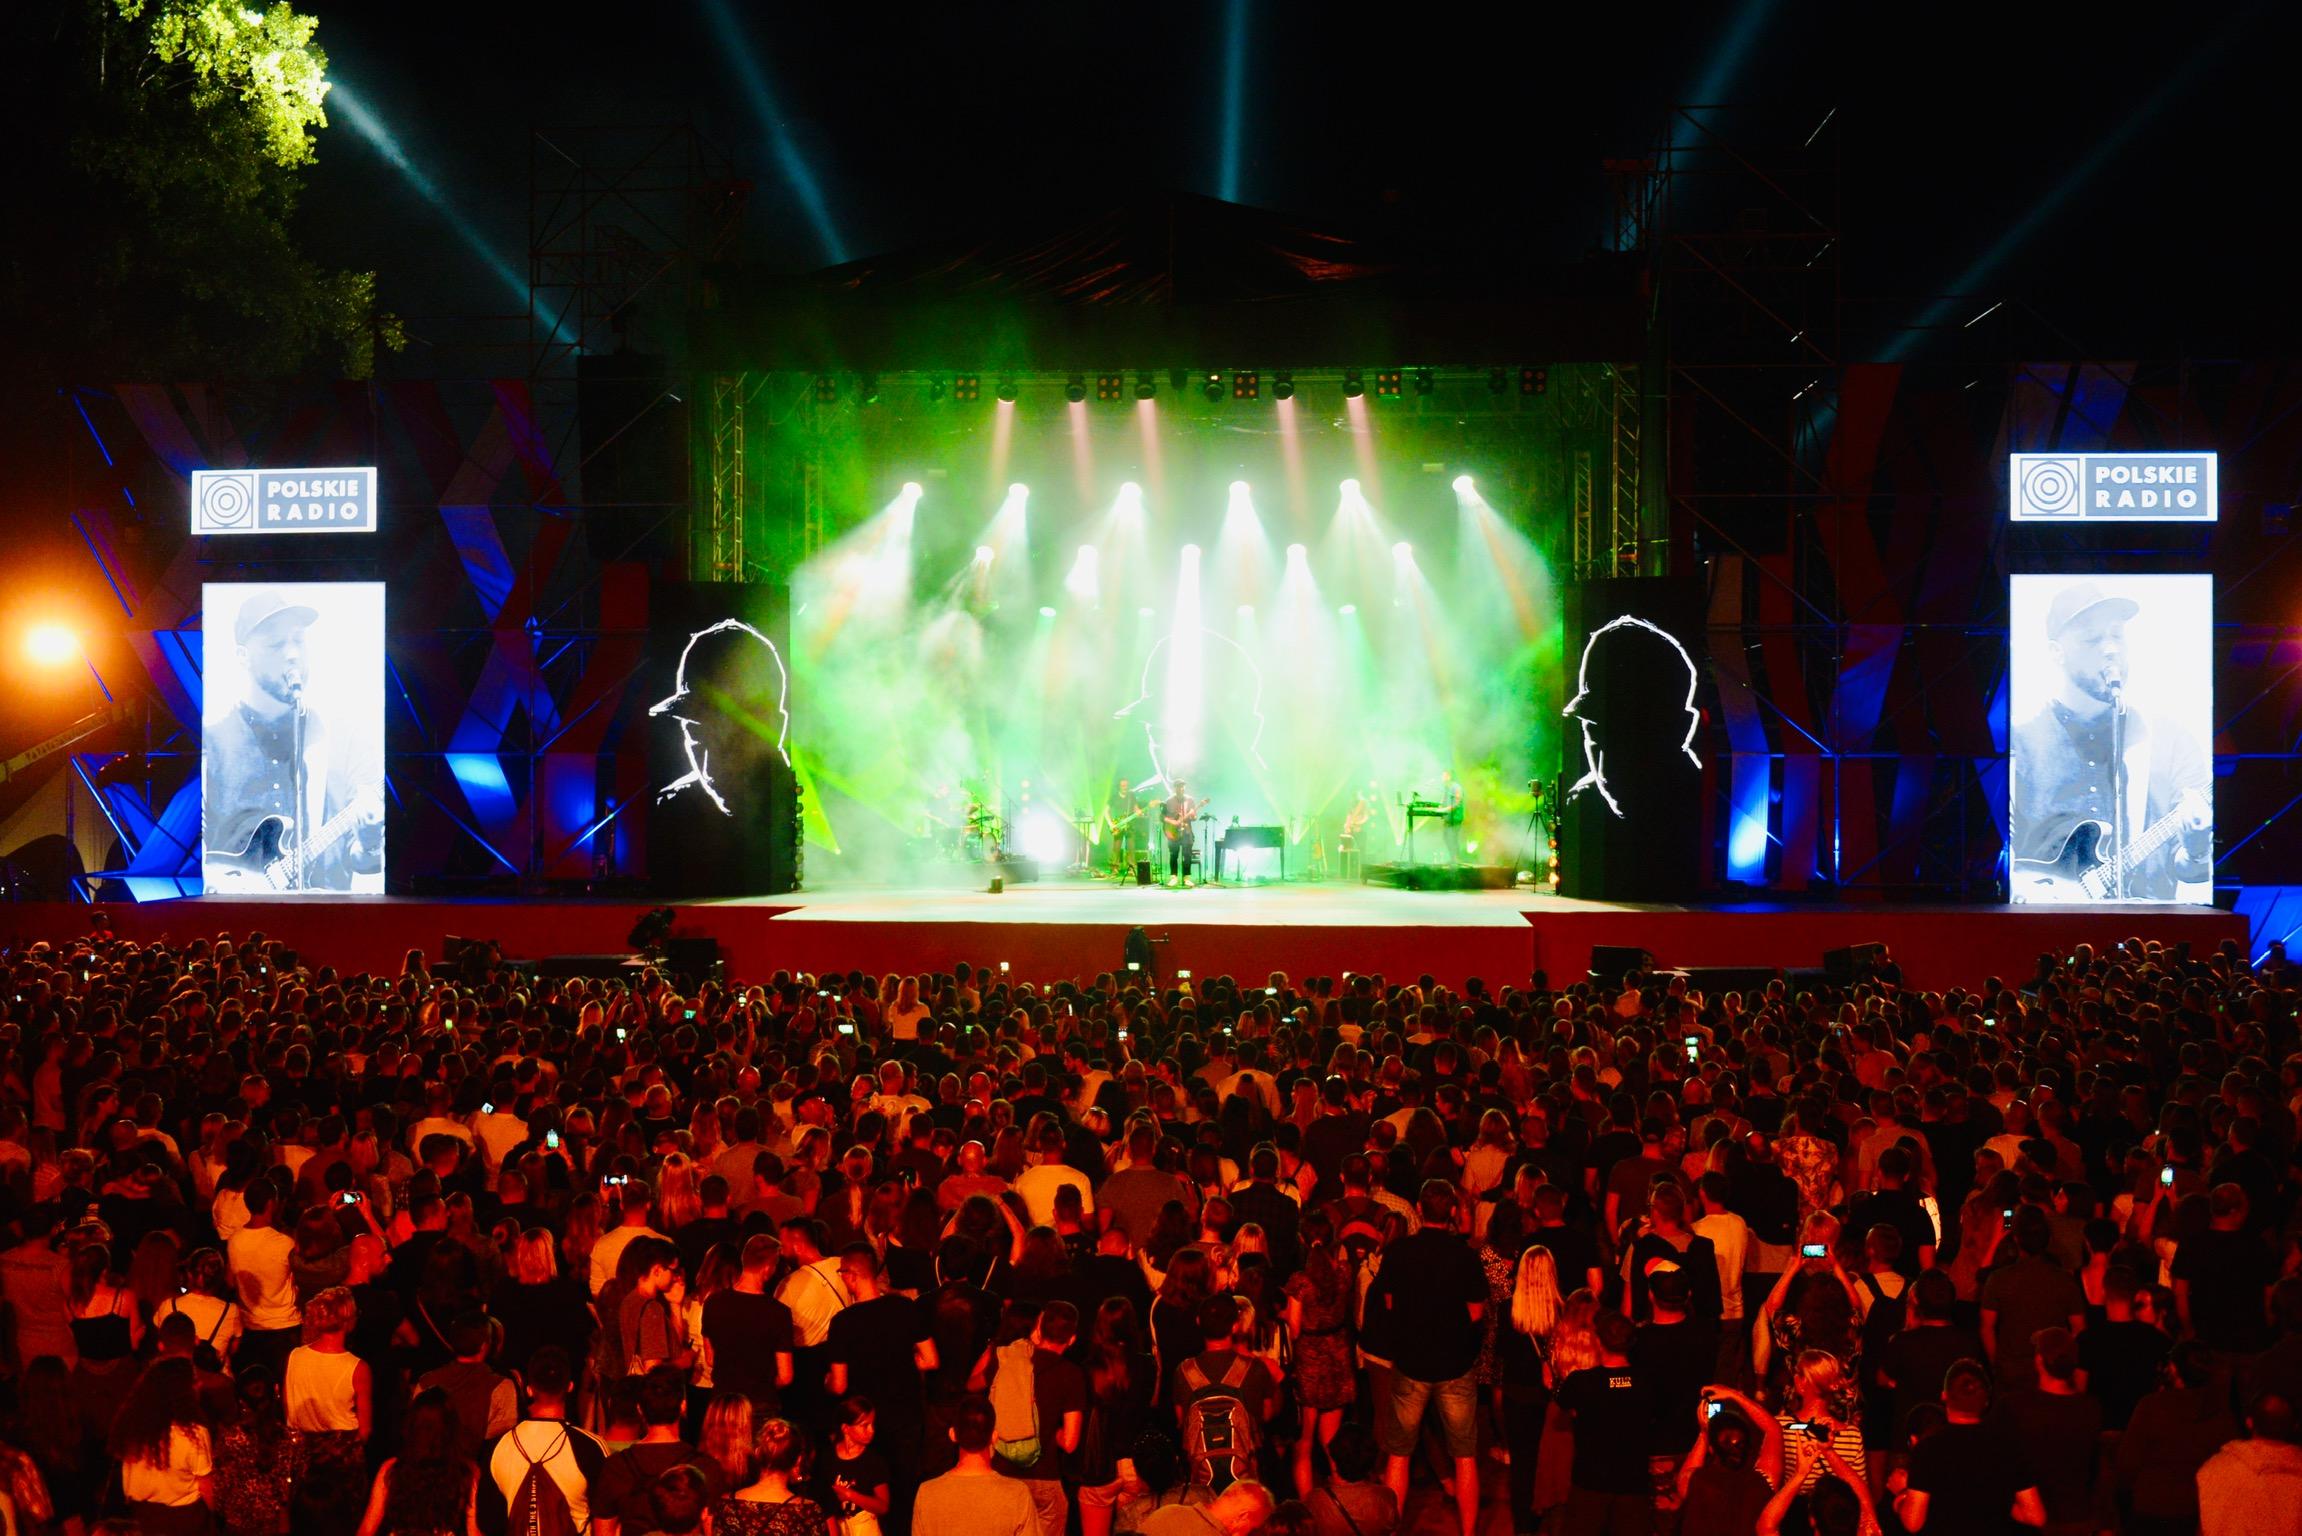 Tłumy na koncertach Lata z Radiem w Stalowej Woli  - Zdjęcie główne